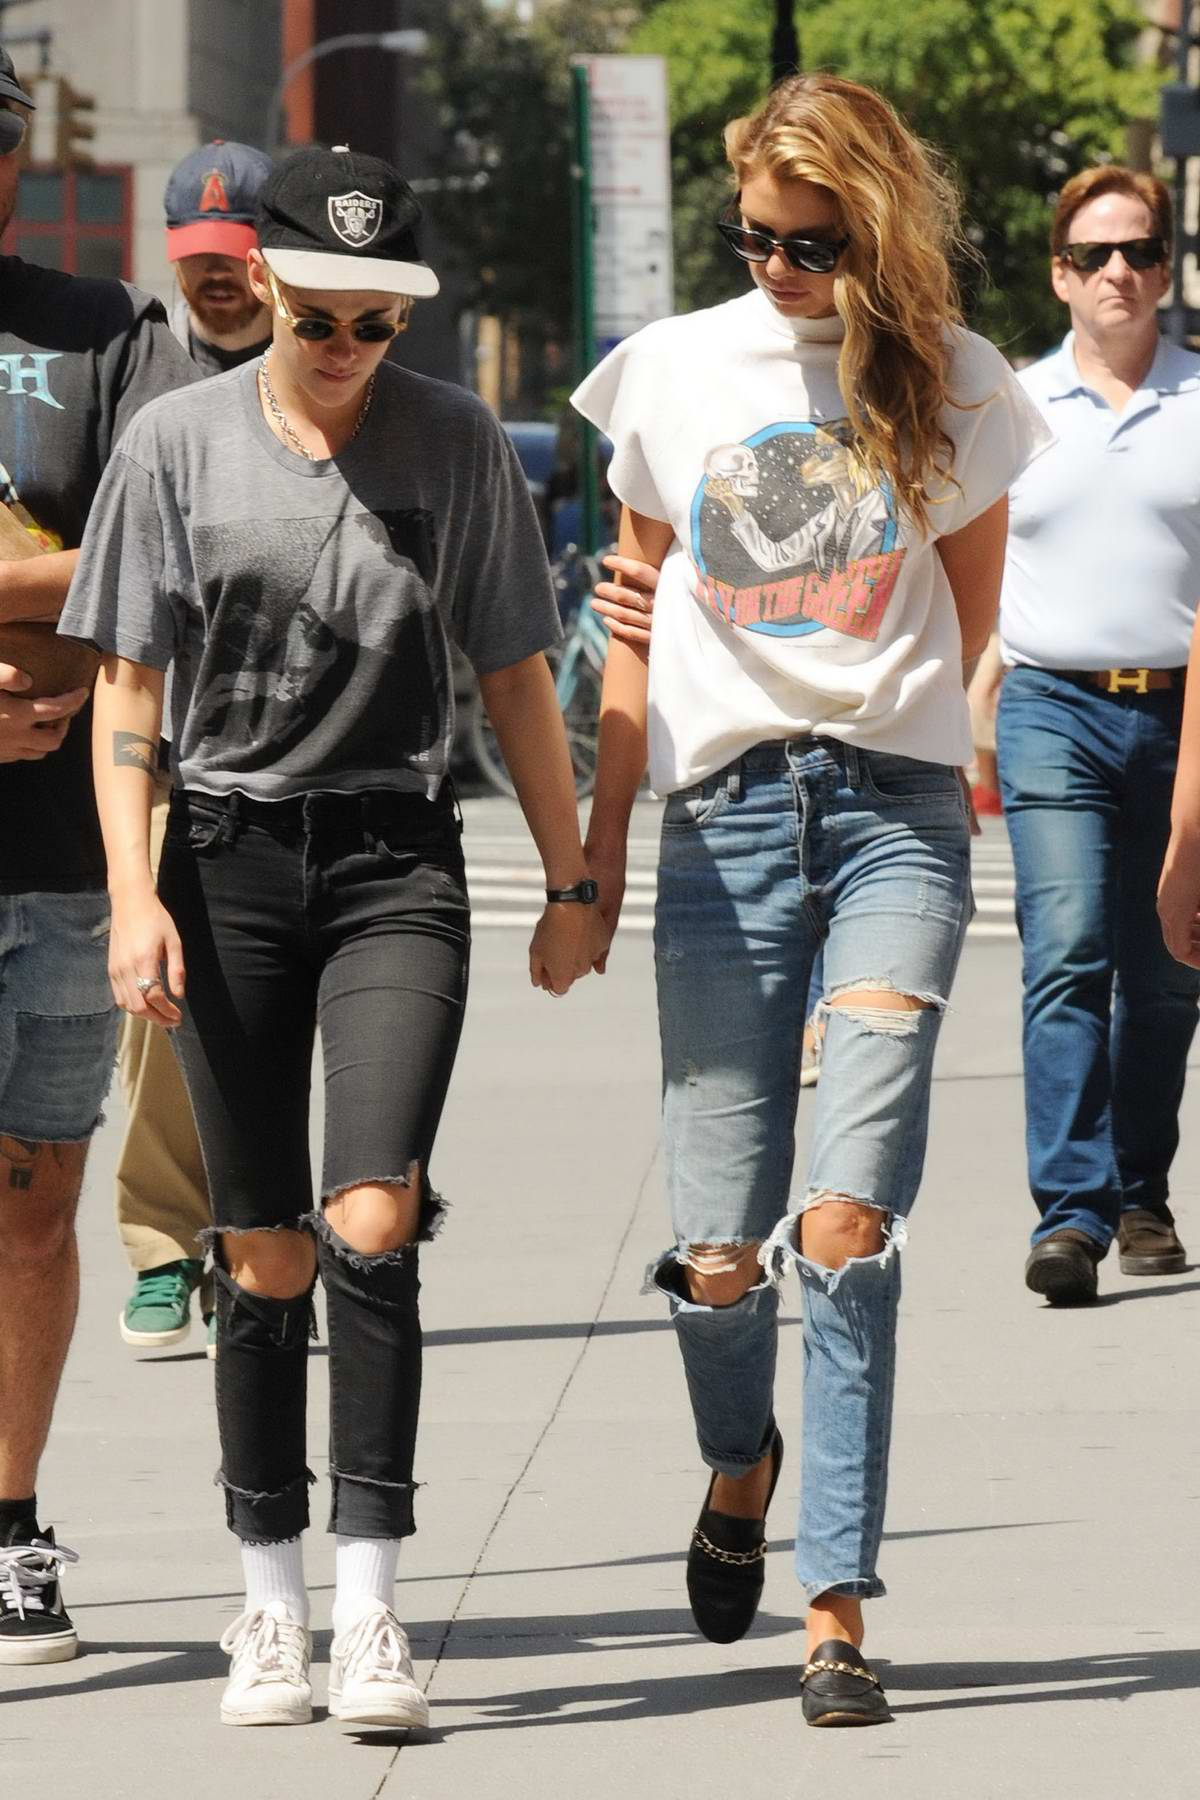 Kristen Stewart and Stella Maxwell hold hands while taking a walk in Manhattan, New York